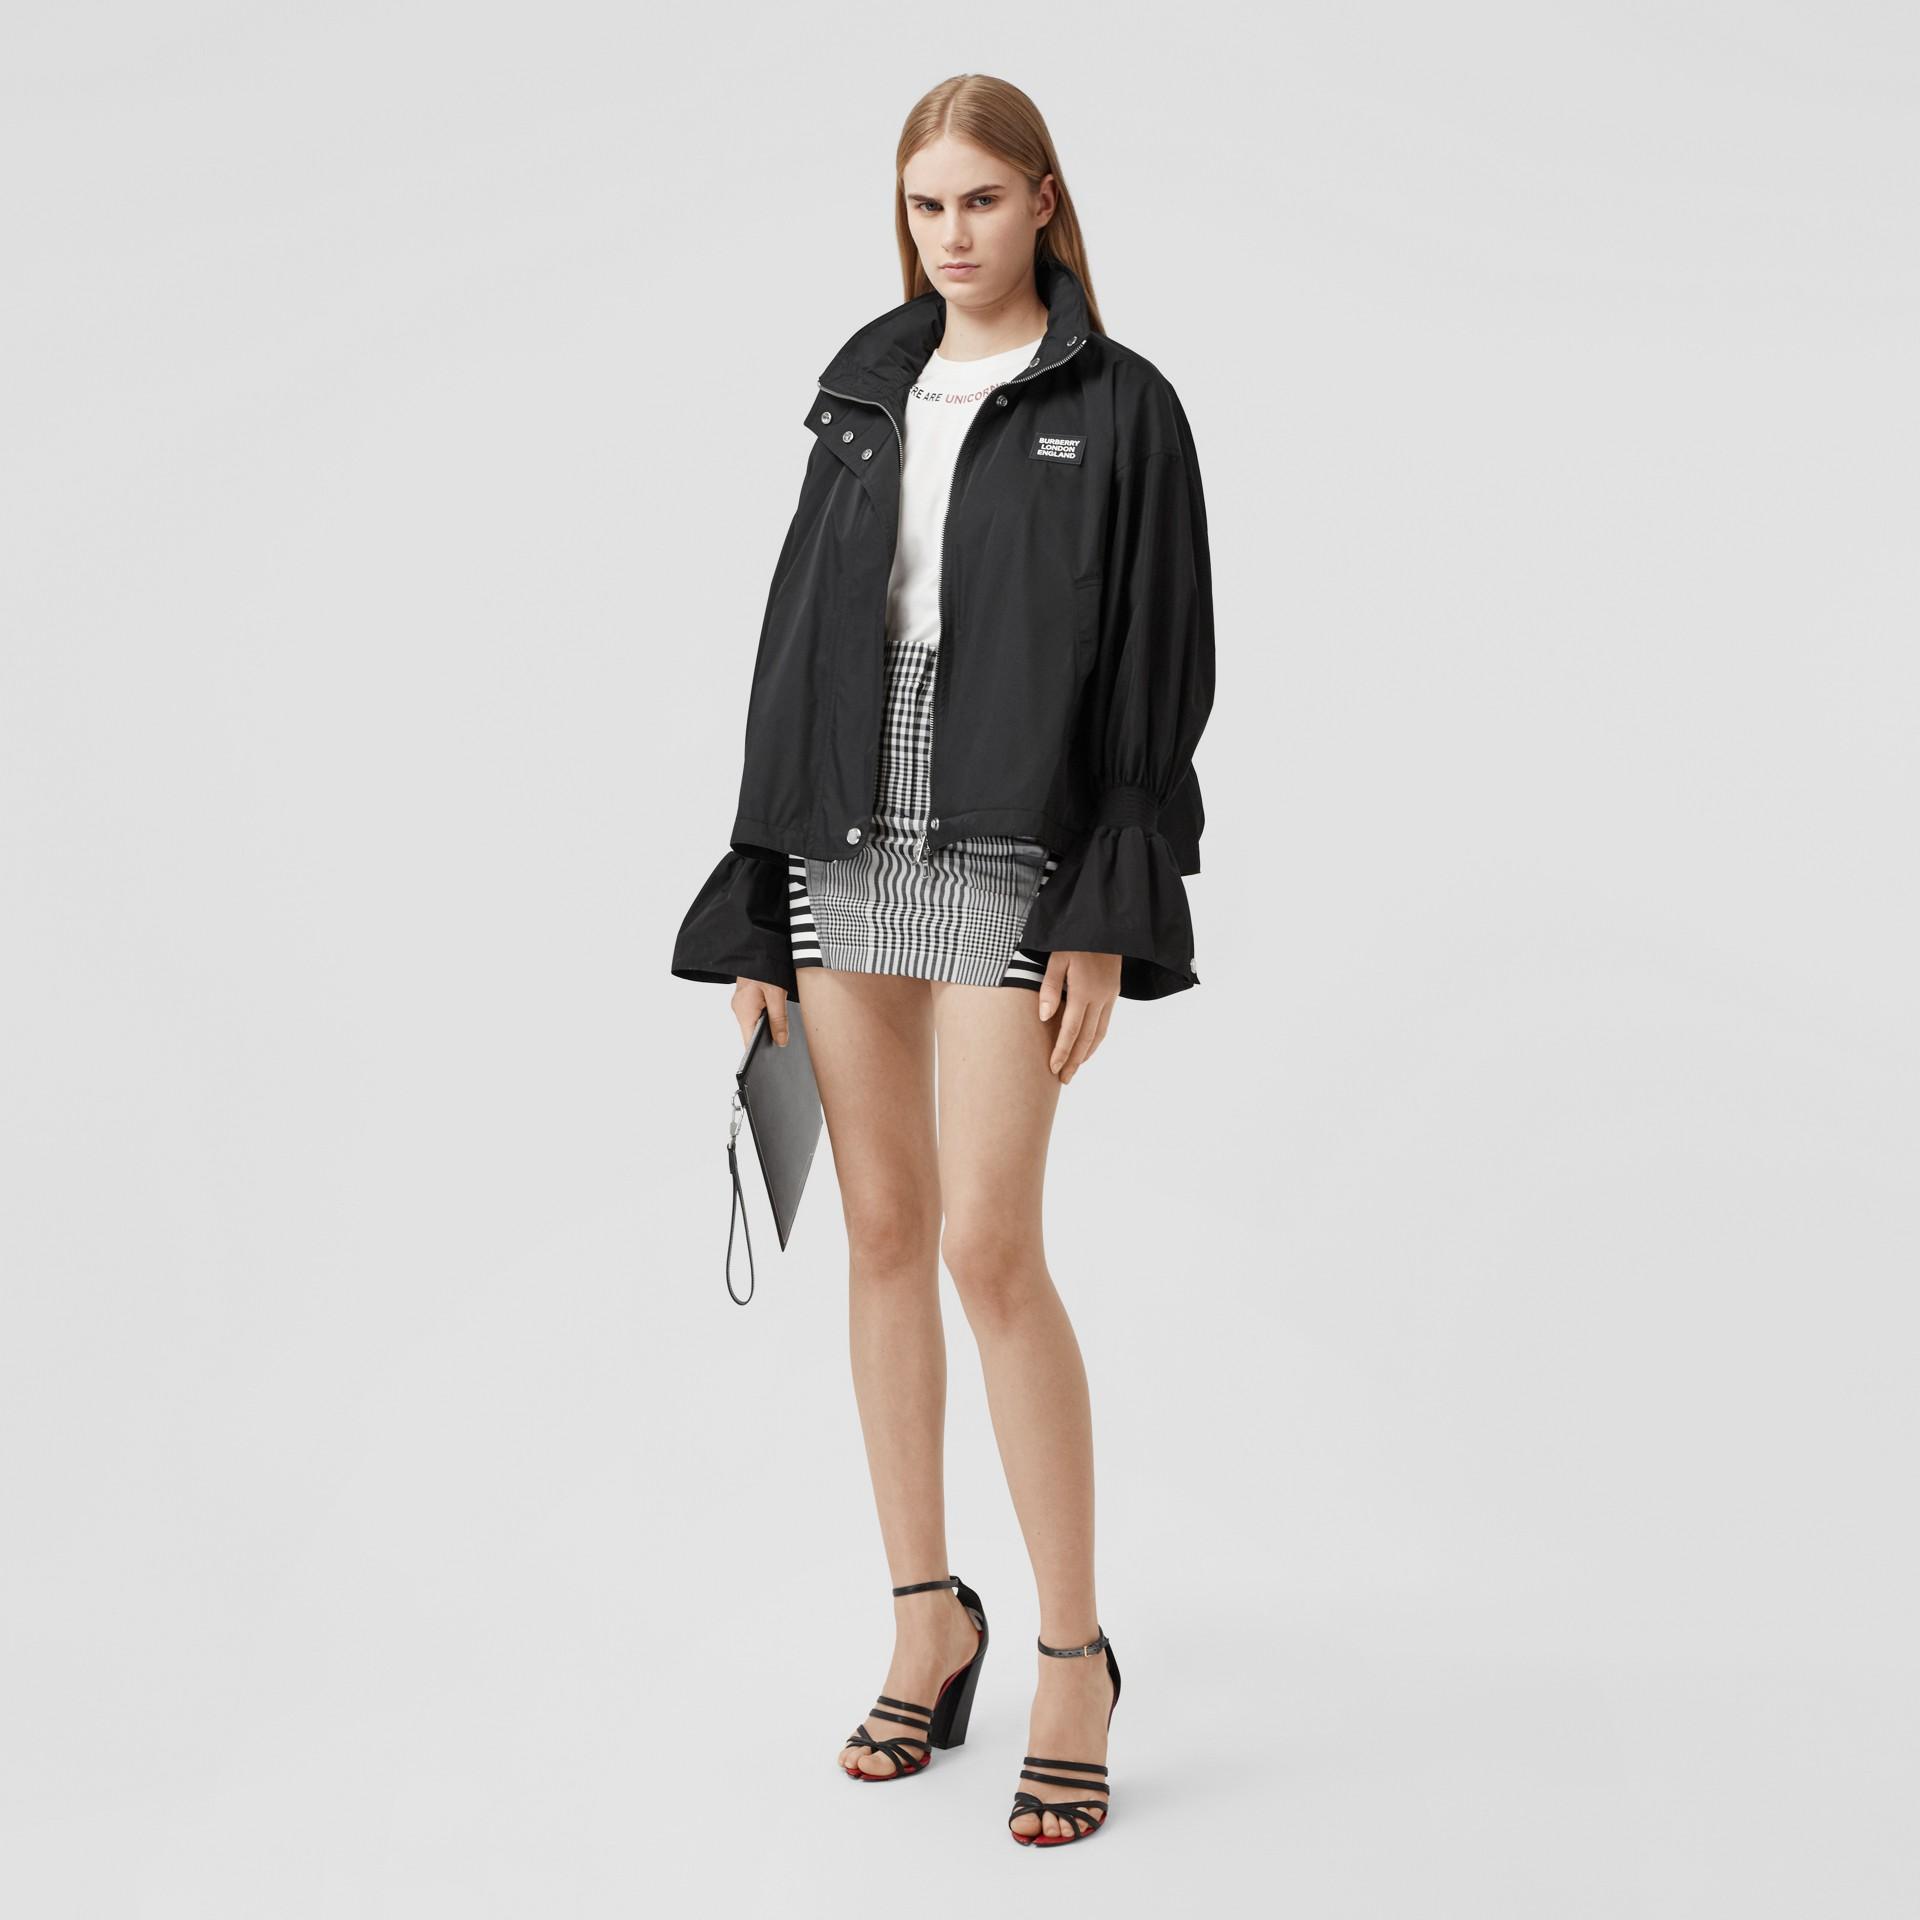 Packaway Hood Bio-based Nylon Jacket in Black - Women | Burberry - gallery image 0